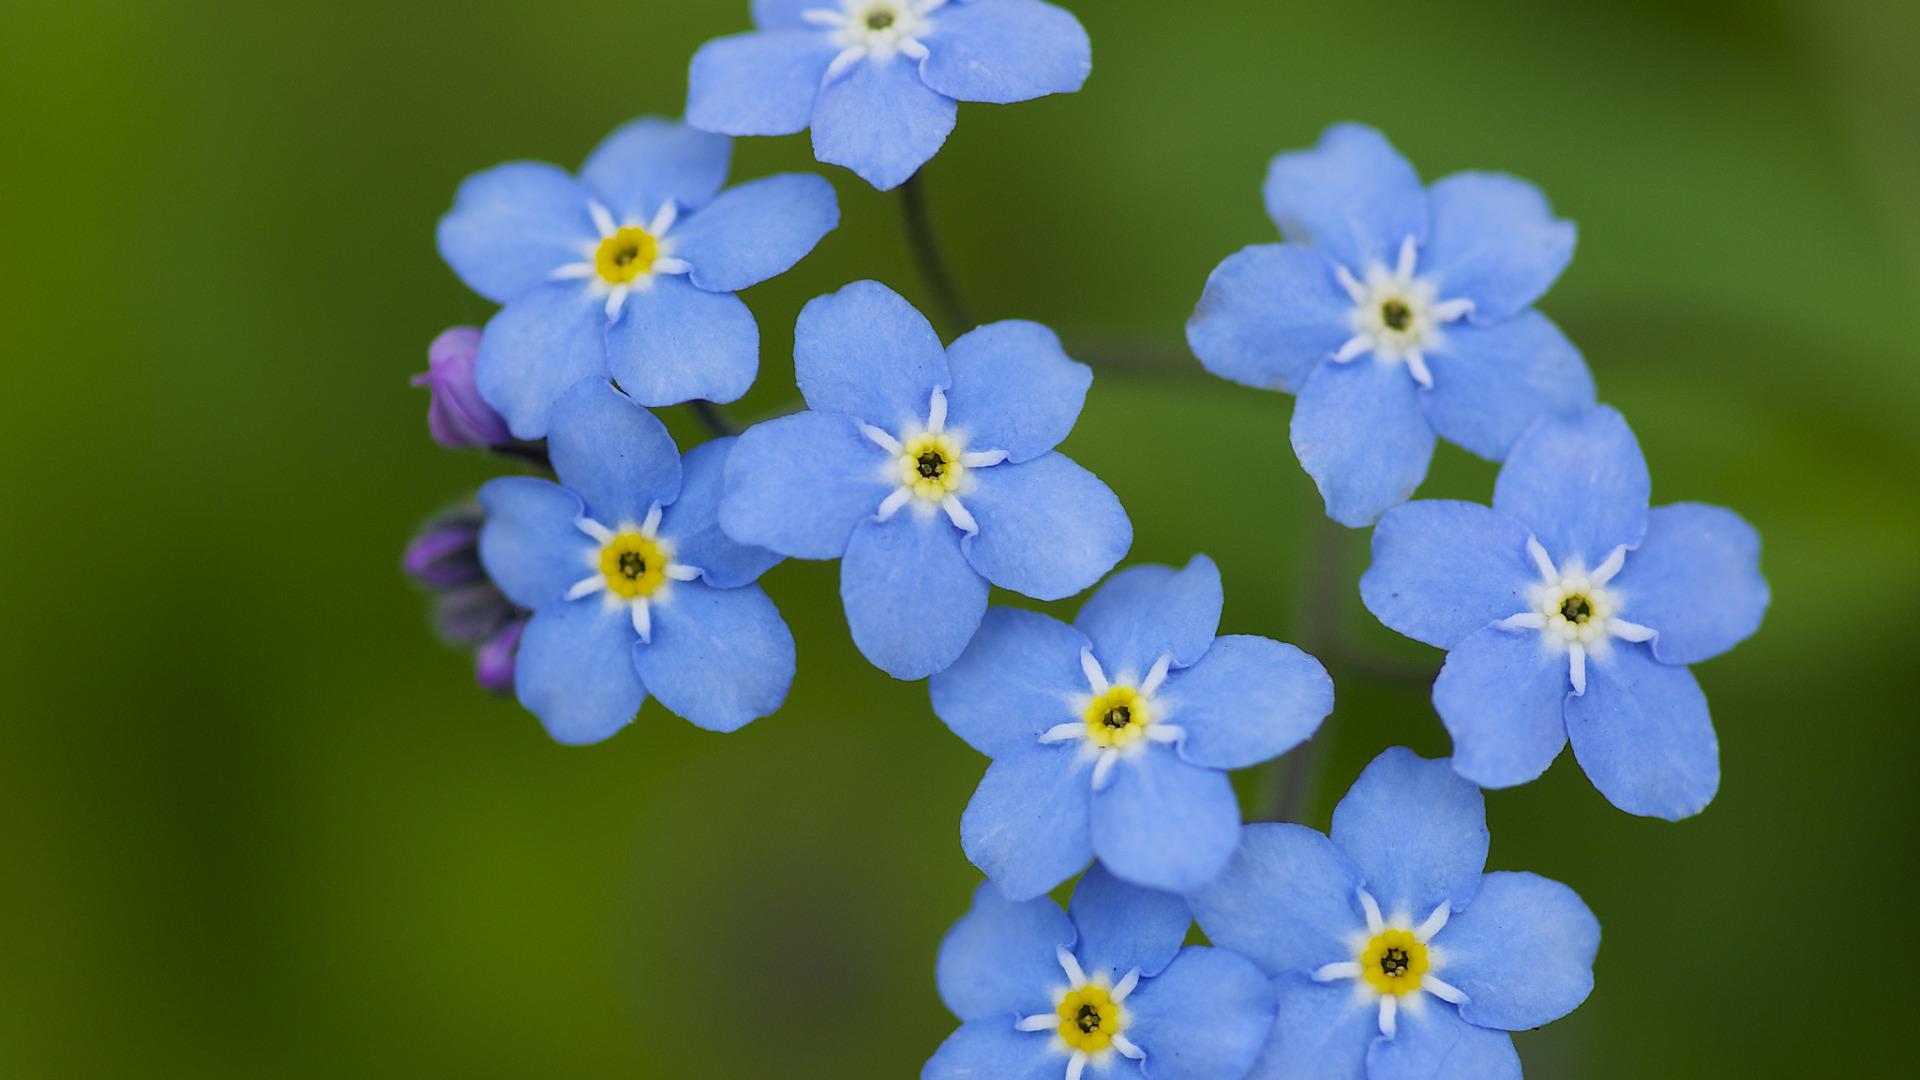 Цветы голубые незабудки  № 1334049 бесплатно